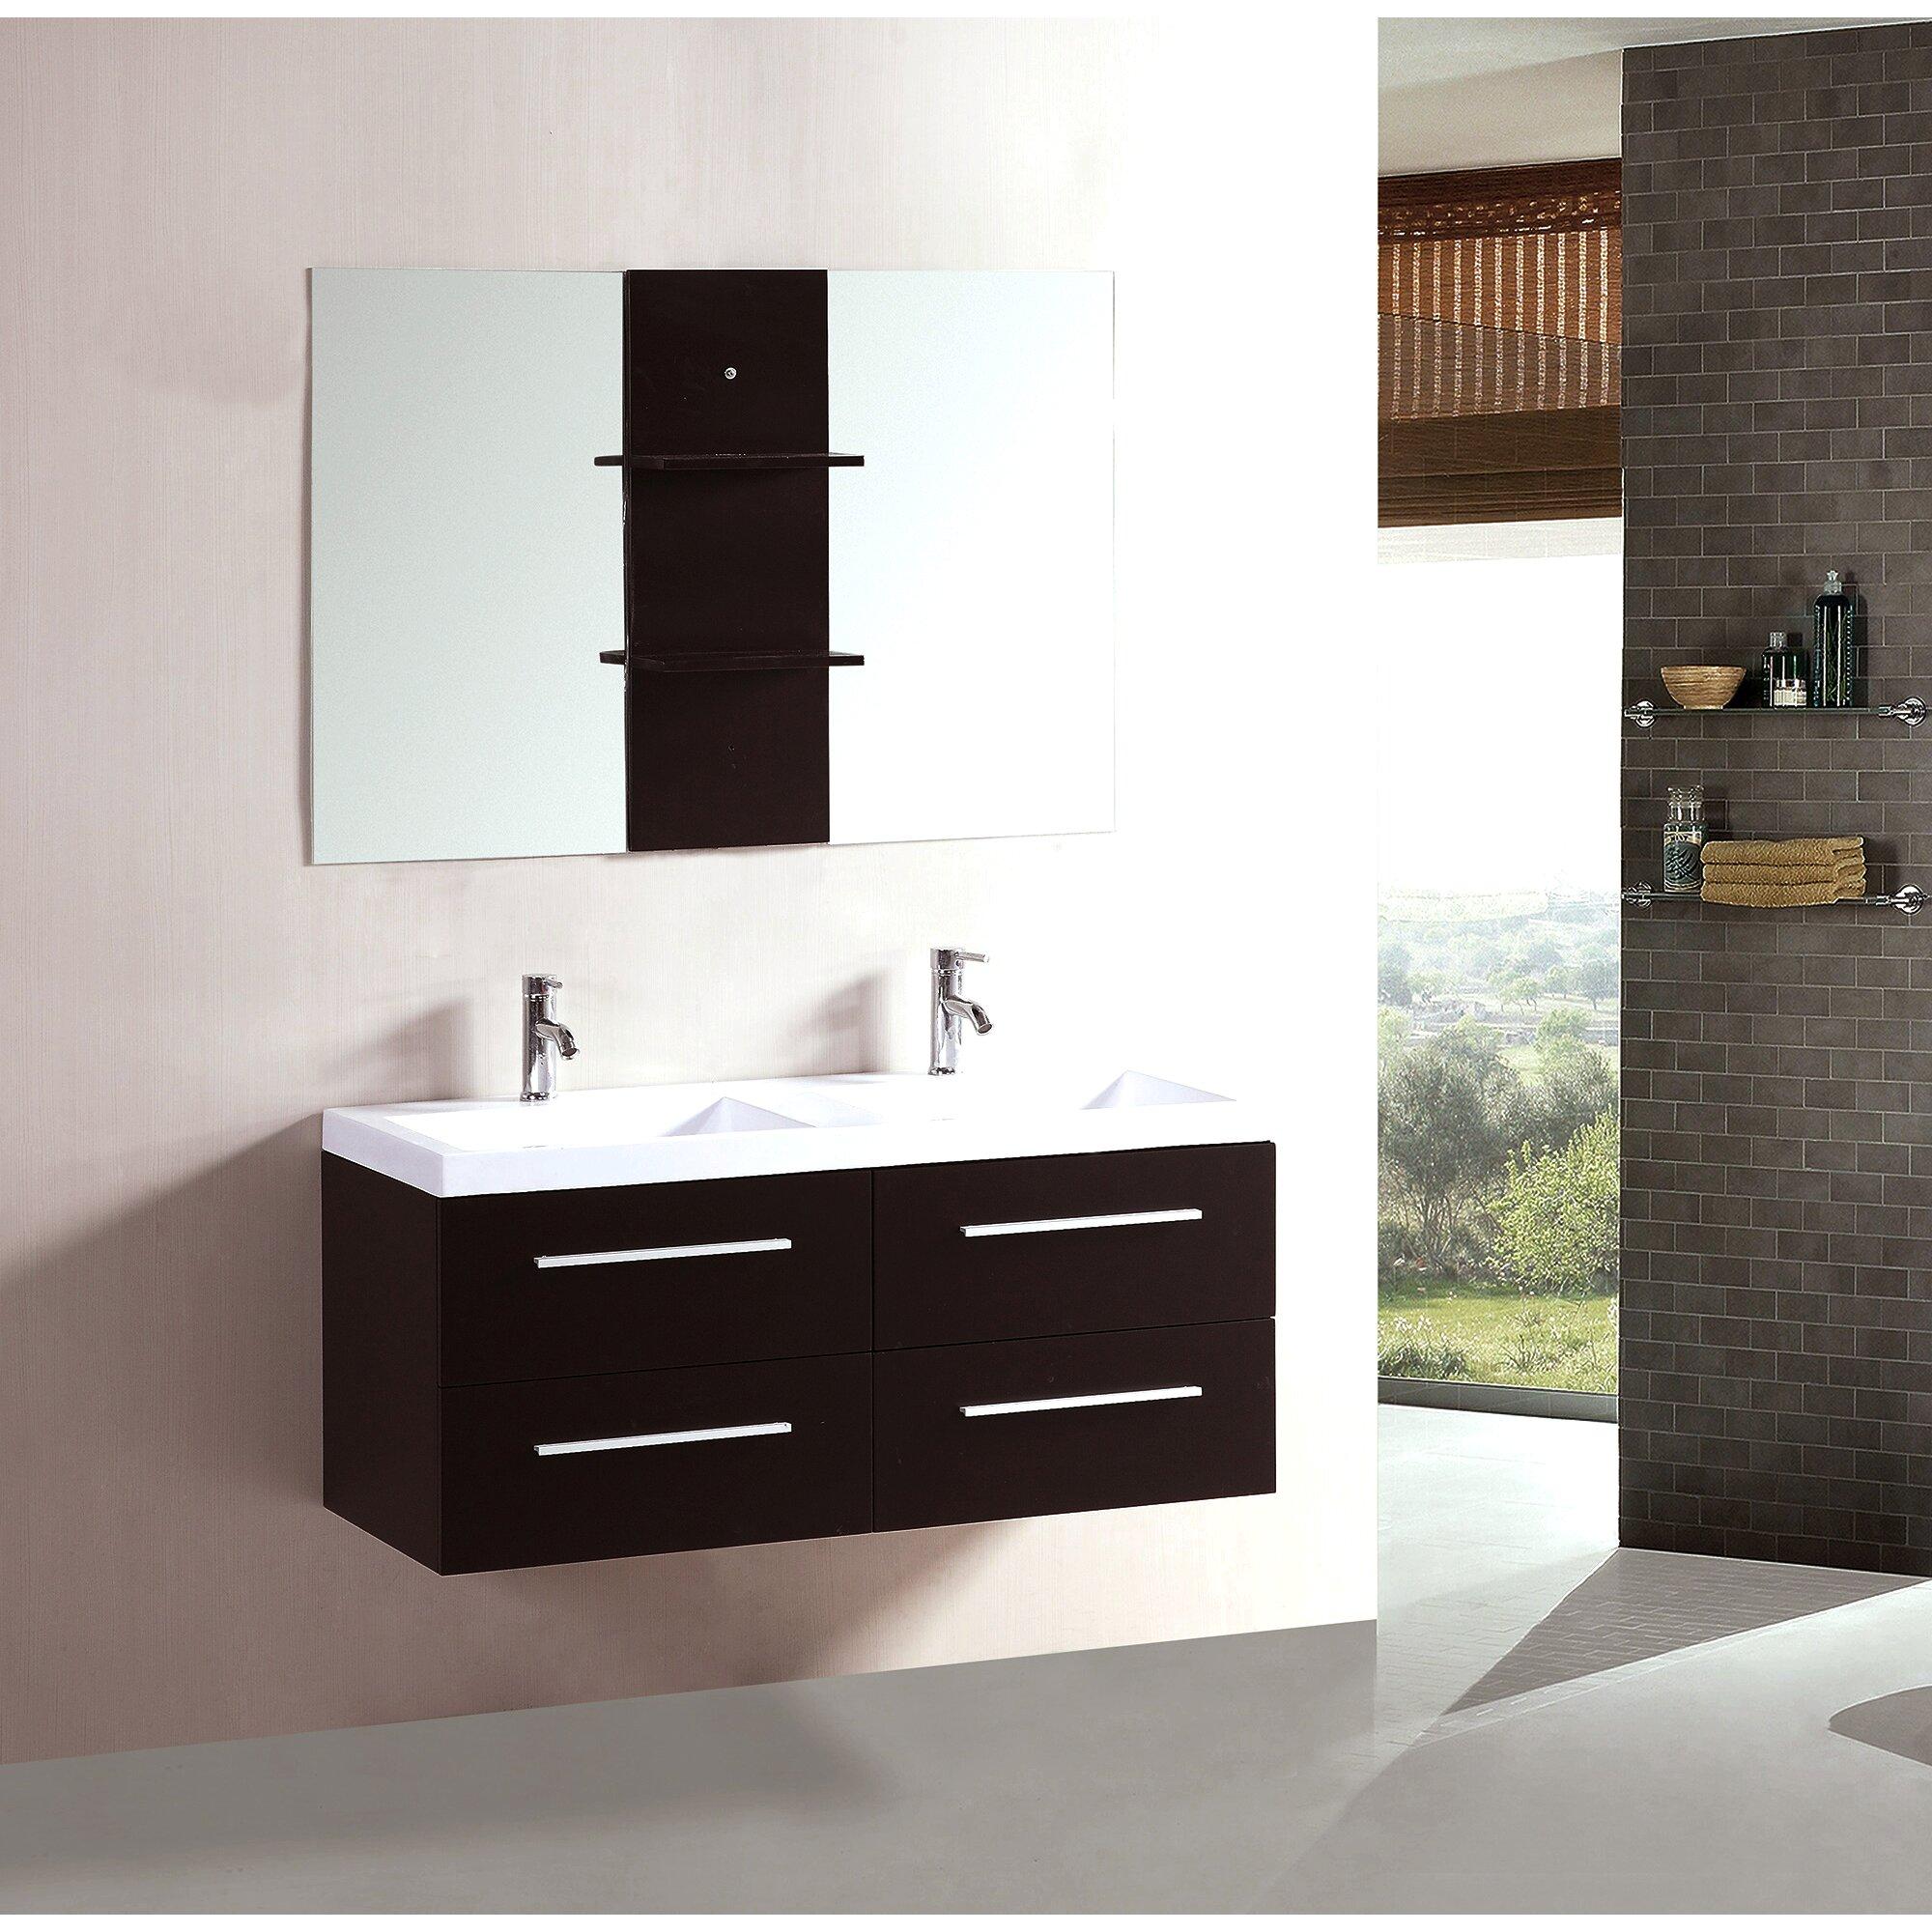 kokols 48 double floating bathroom vanity set with mirror